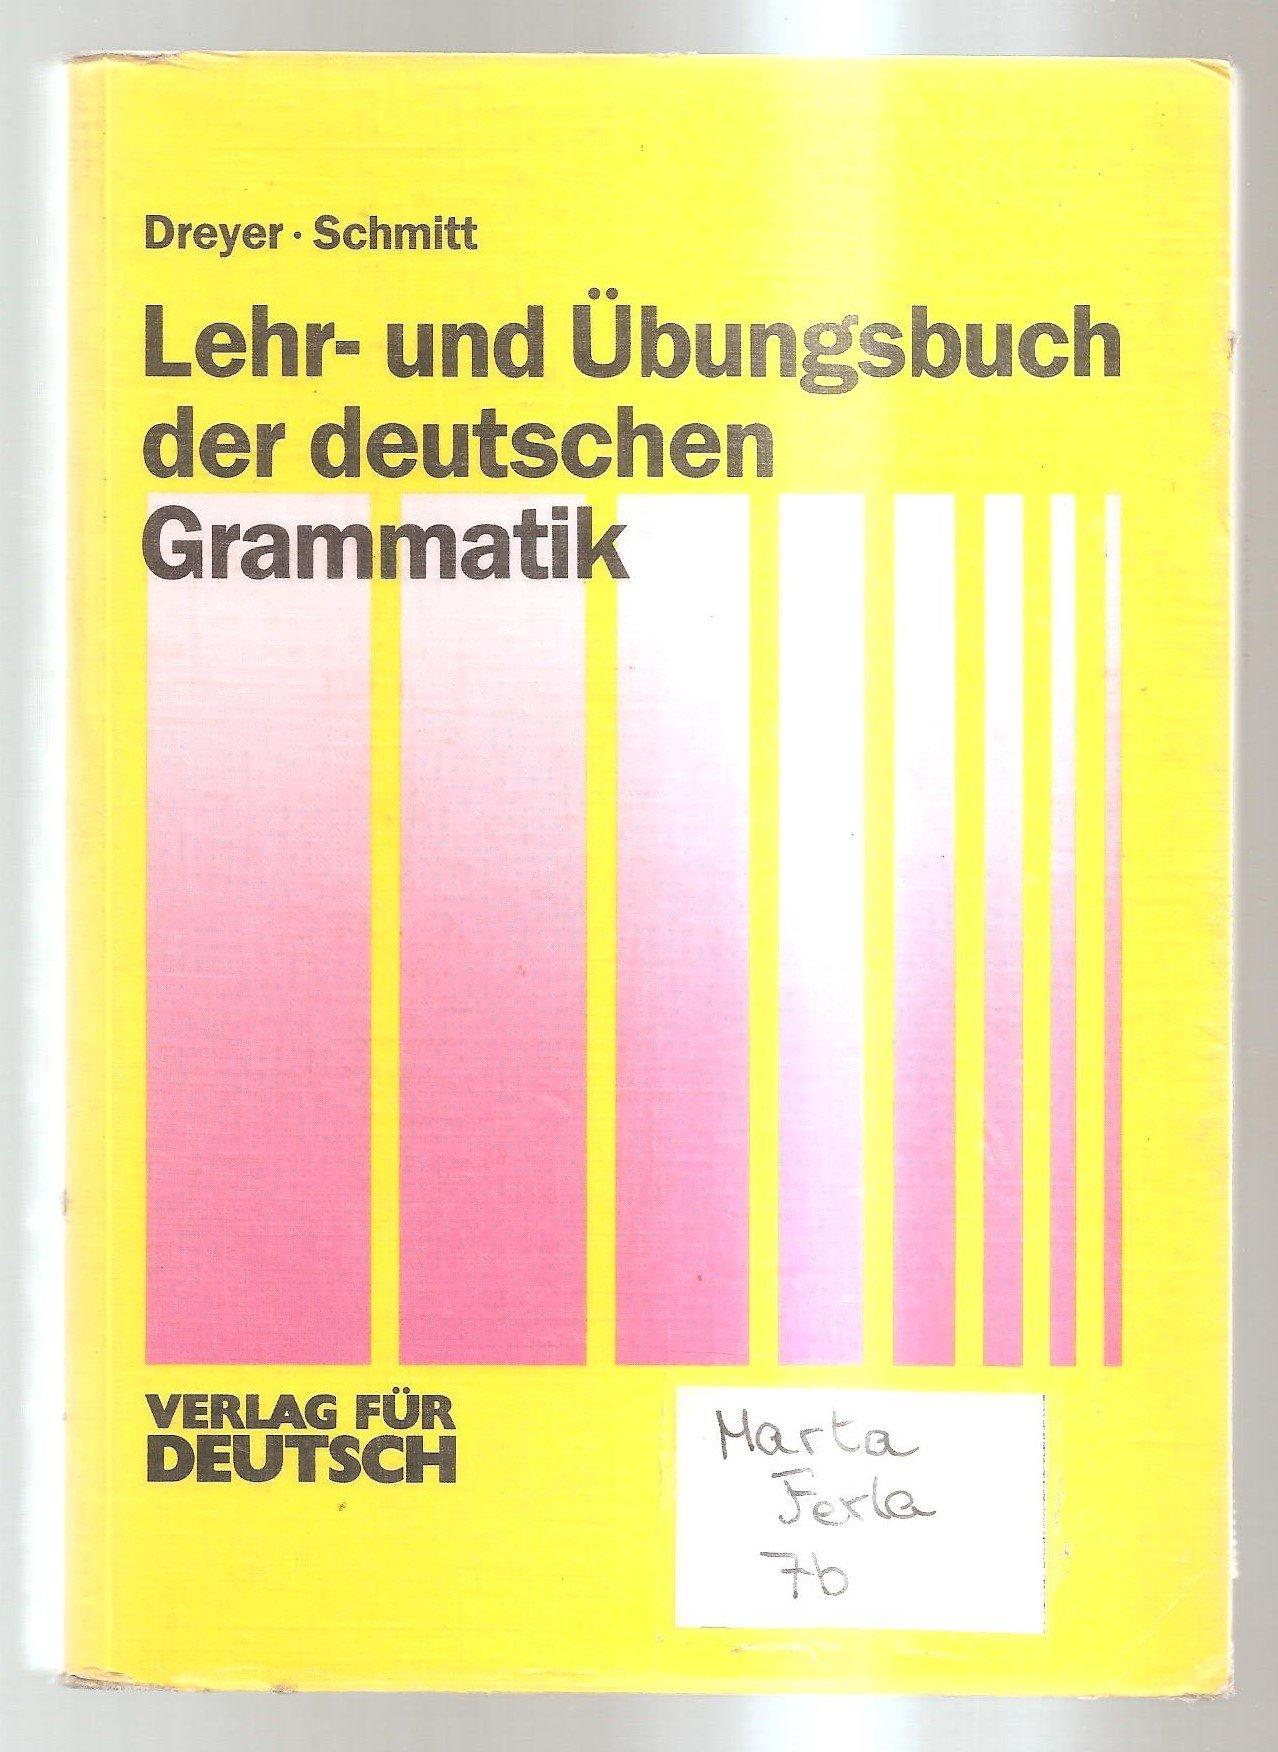 Lehr- und Übungsbuch der deutschen Grammatik, Lehr- und Übungsbuch ...